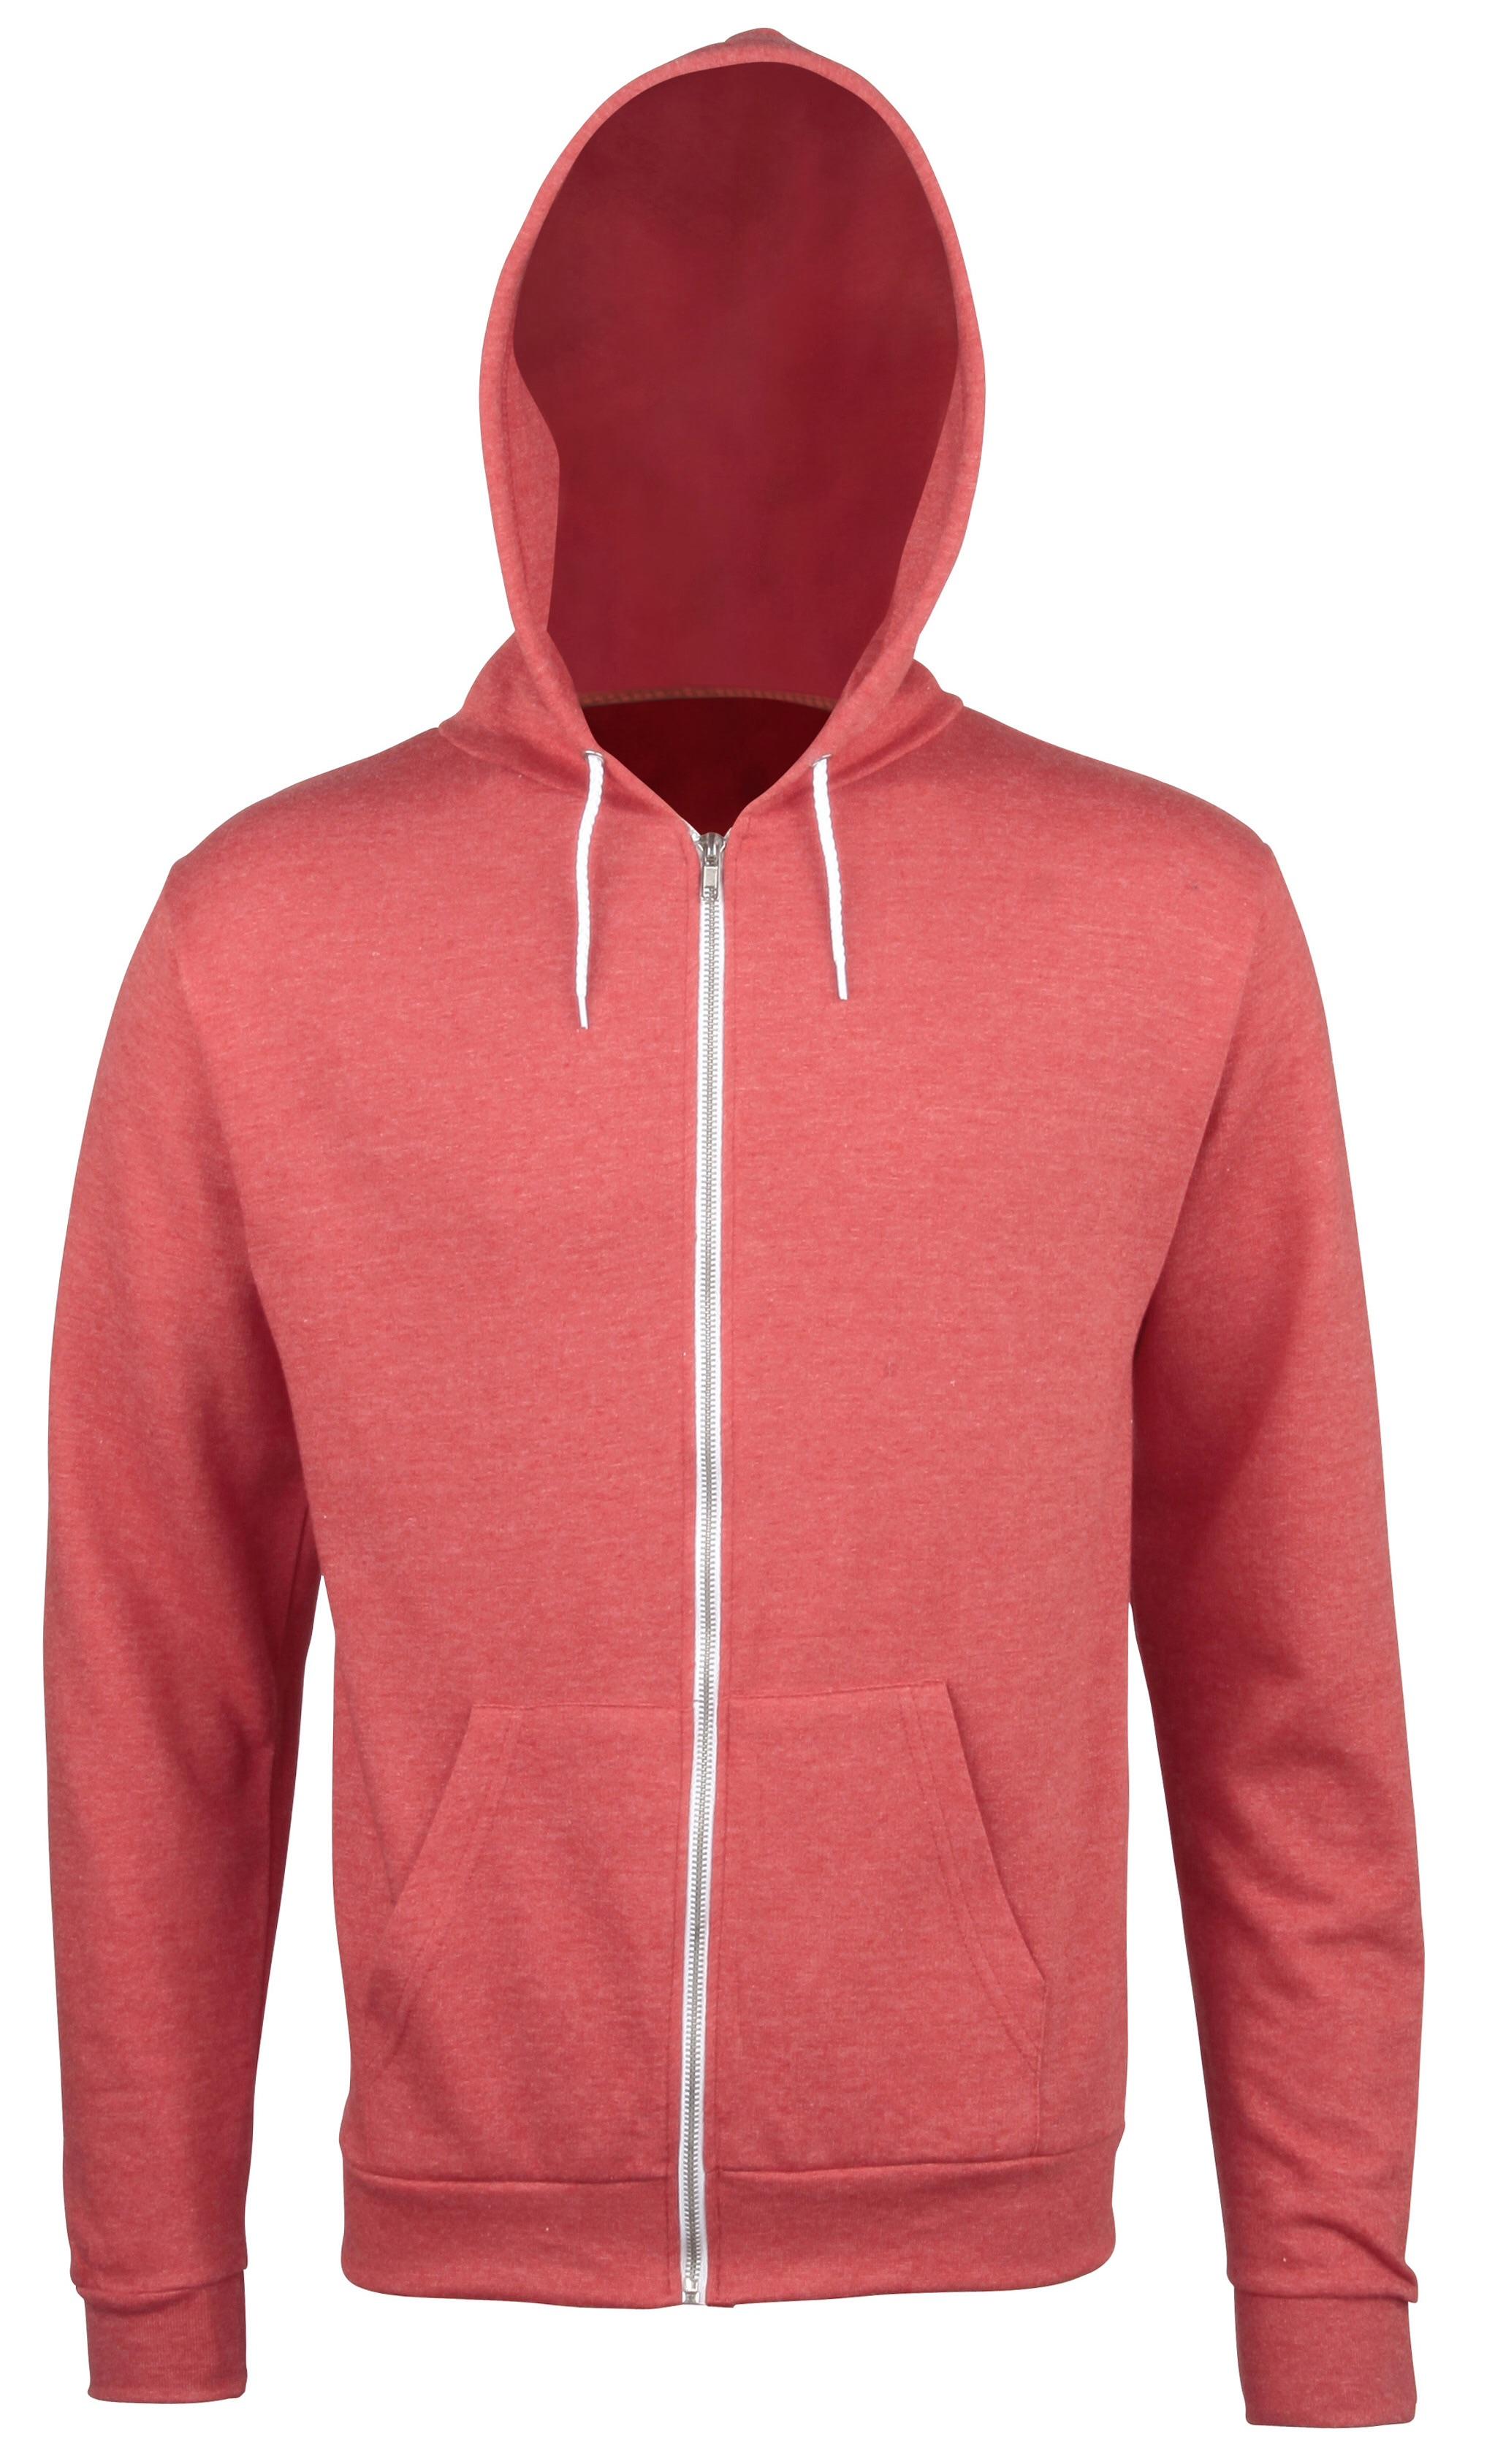 AWDis hoodie